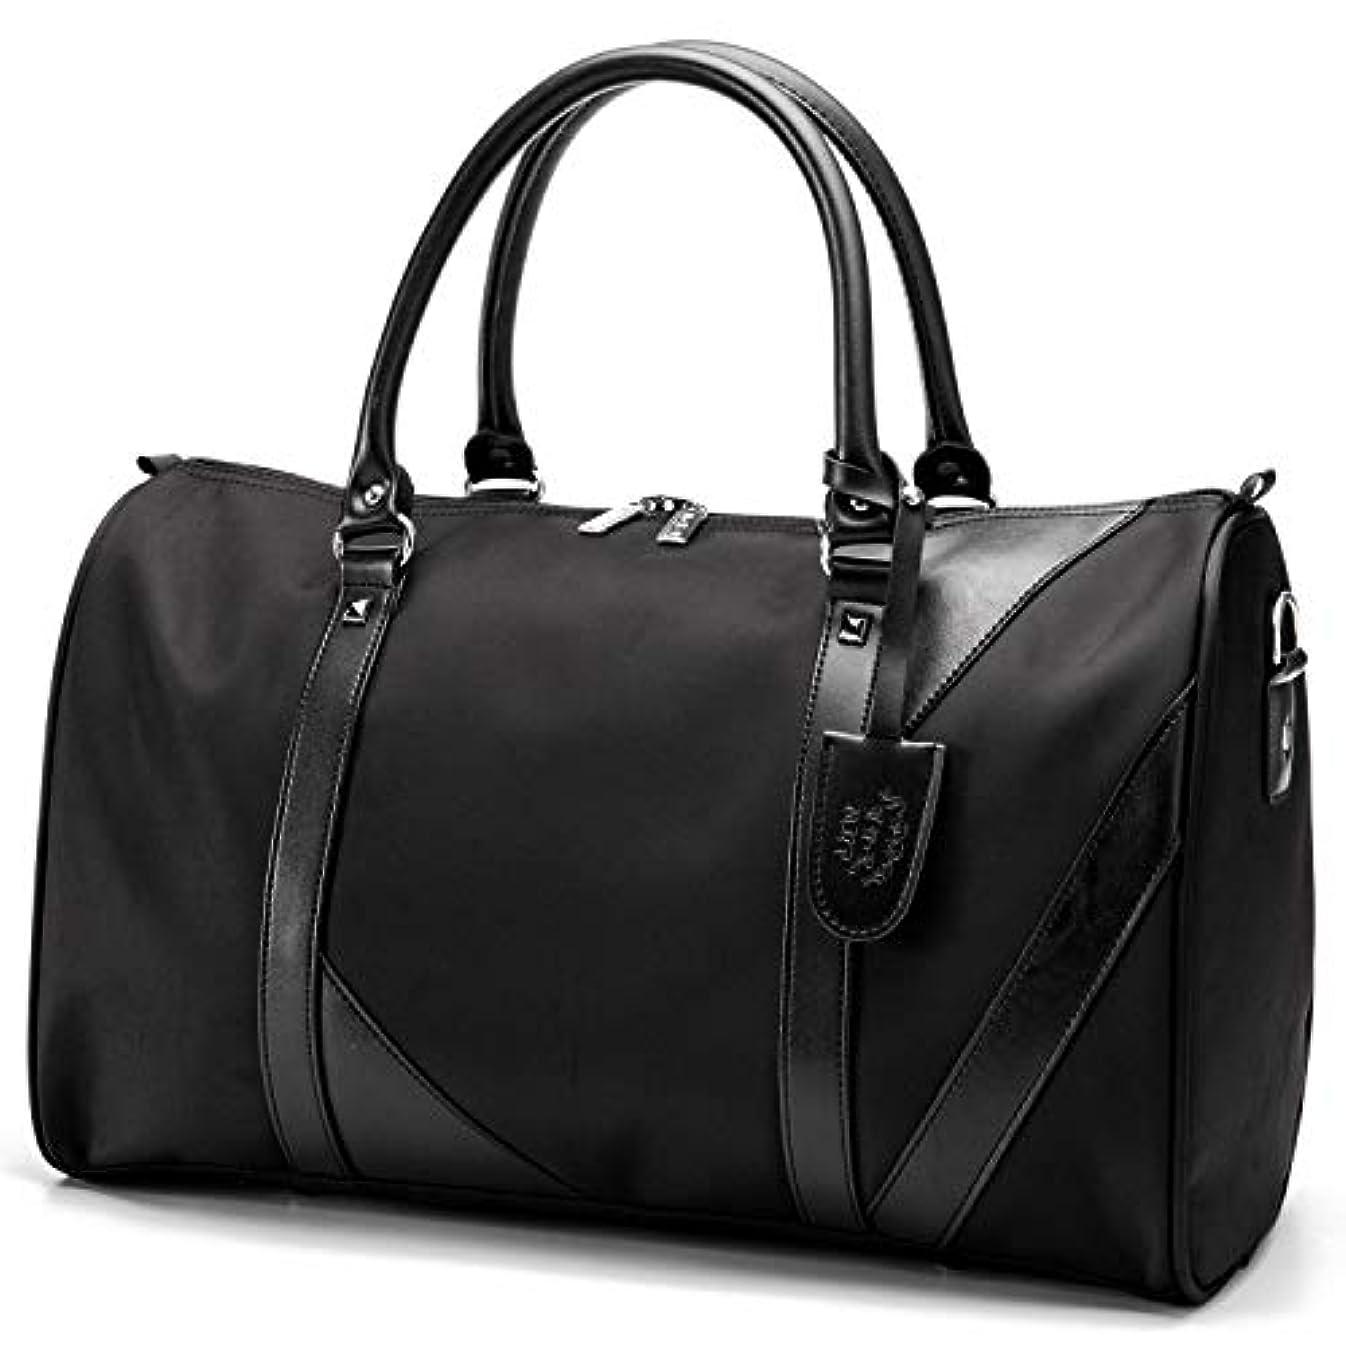 新しい意味ケント付添人[TcIFE]ボストンバッグ レディース メンズ スポーツダッフルバッグ ガーメントバッグ 大容量 修学 旅行トラベルバッグ シューズ収納バッグ